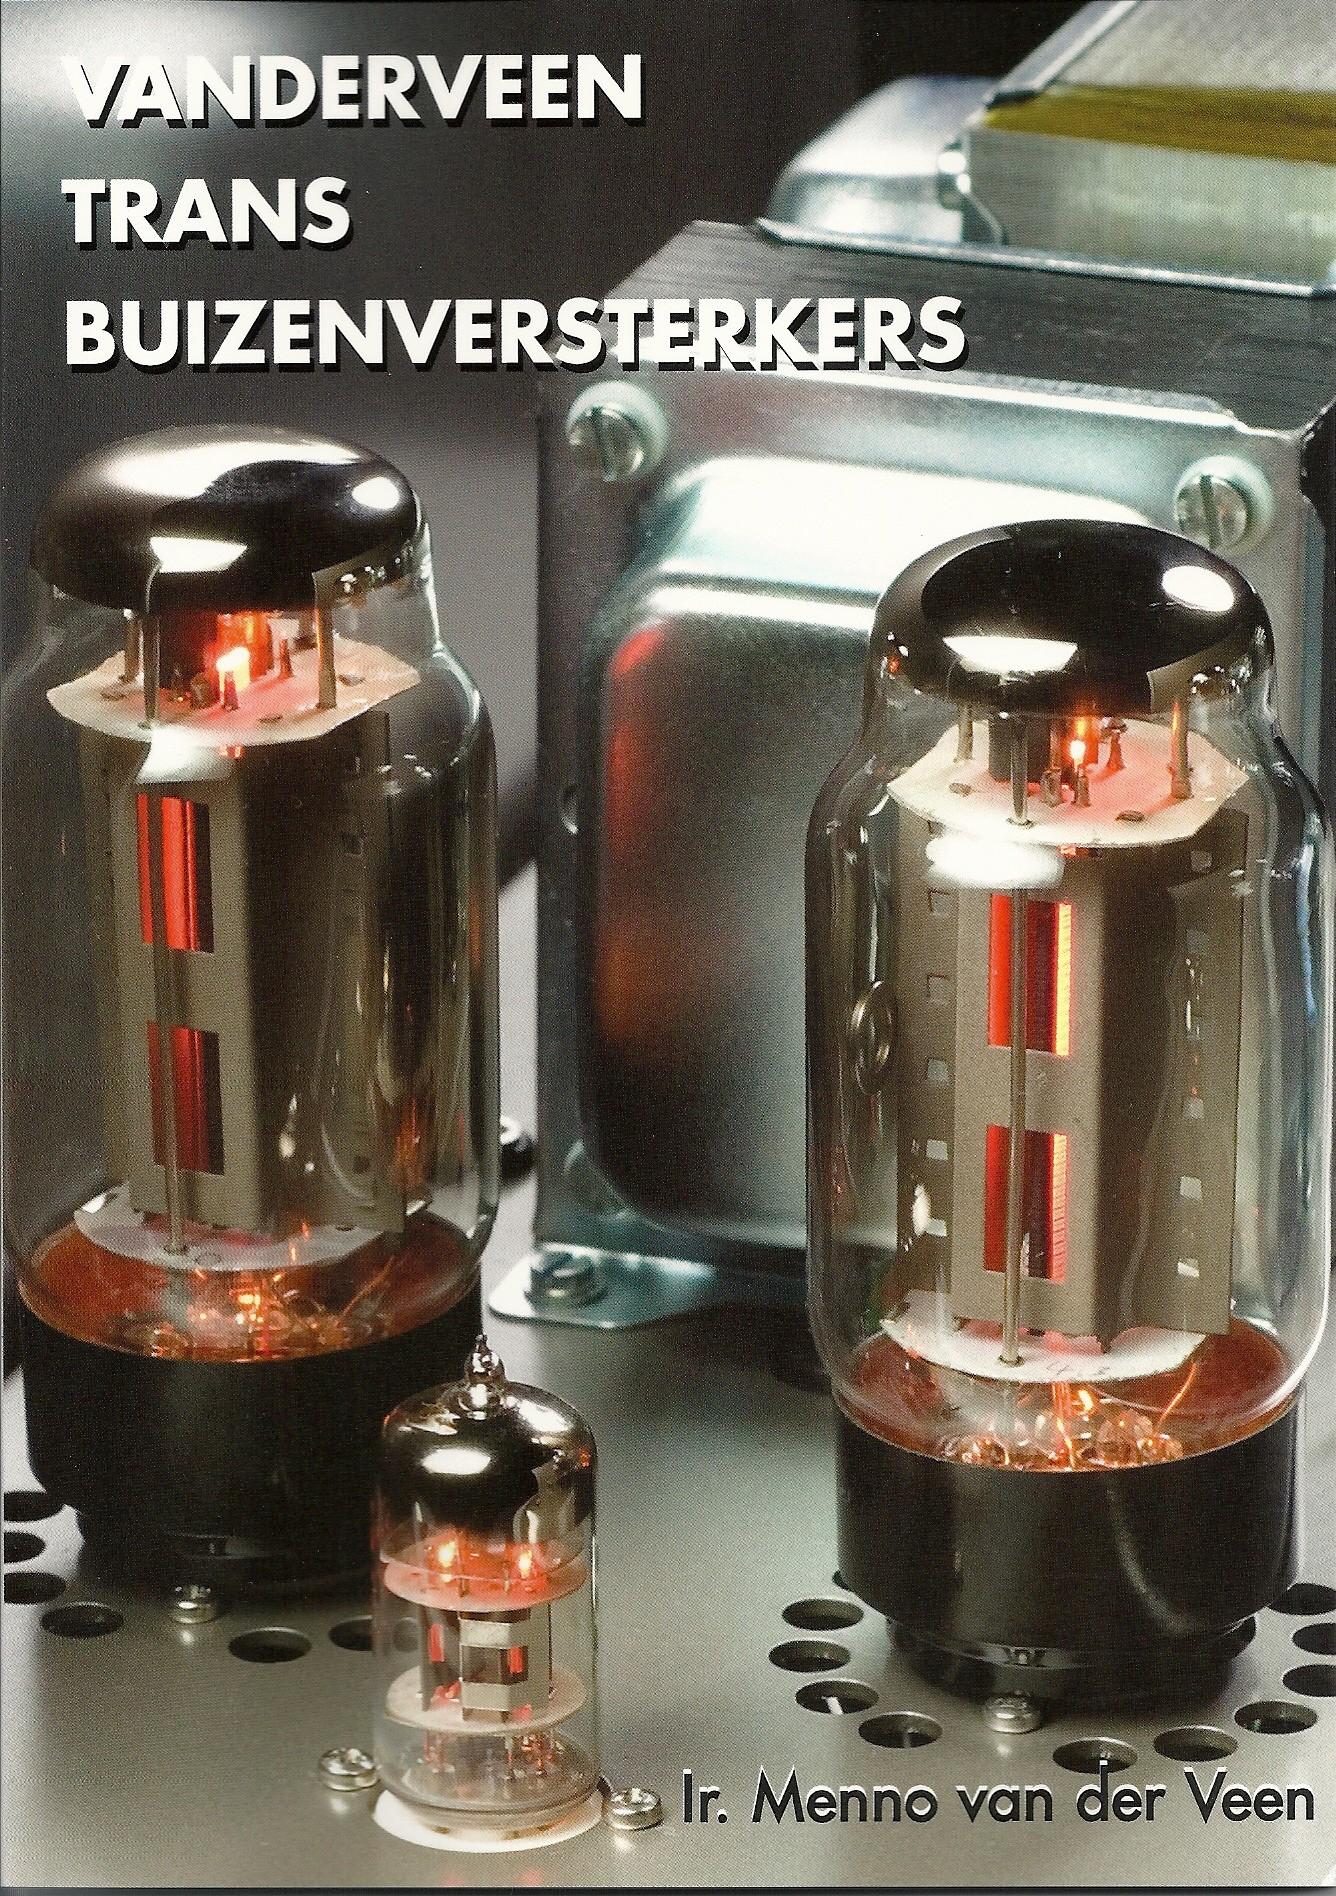 Vanderveen Trans Buizenversterkers